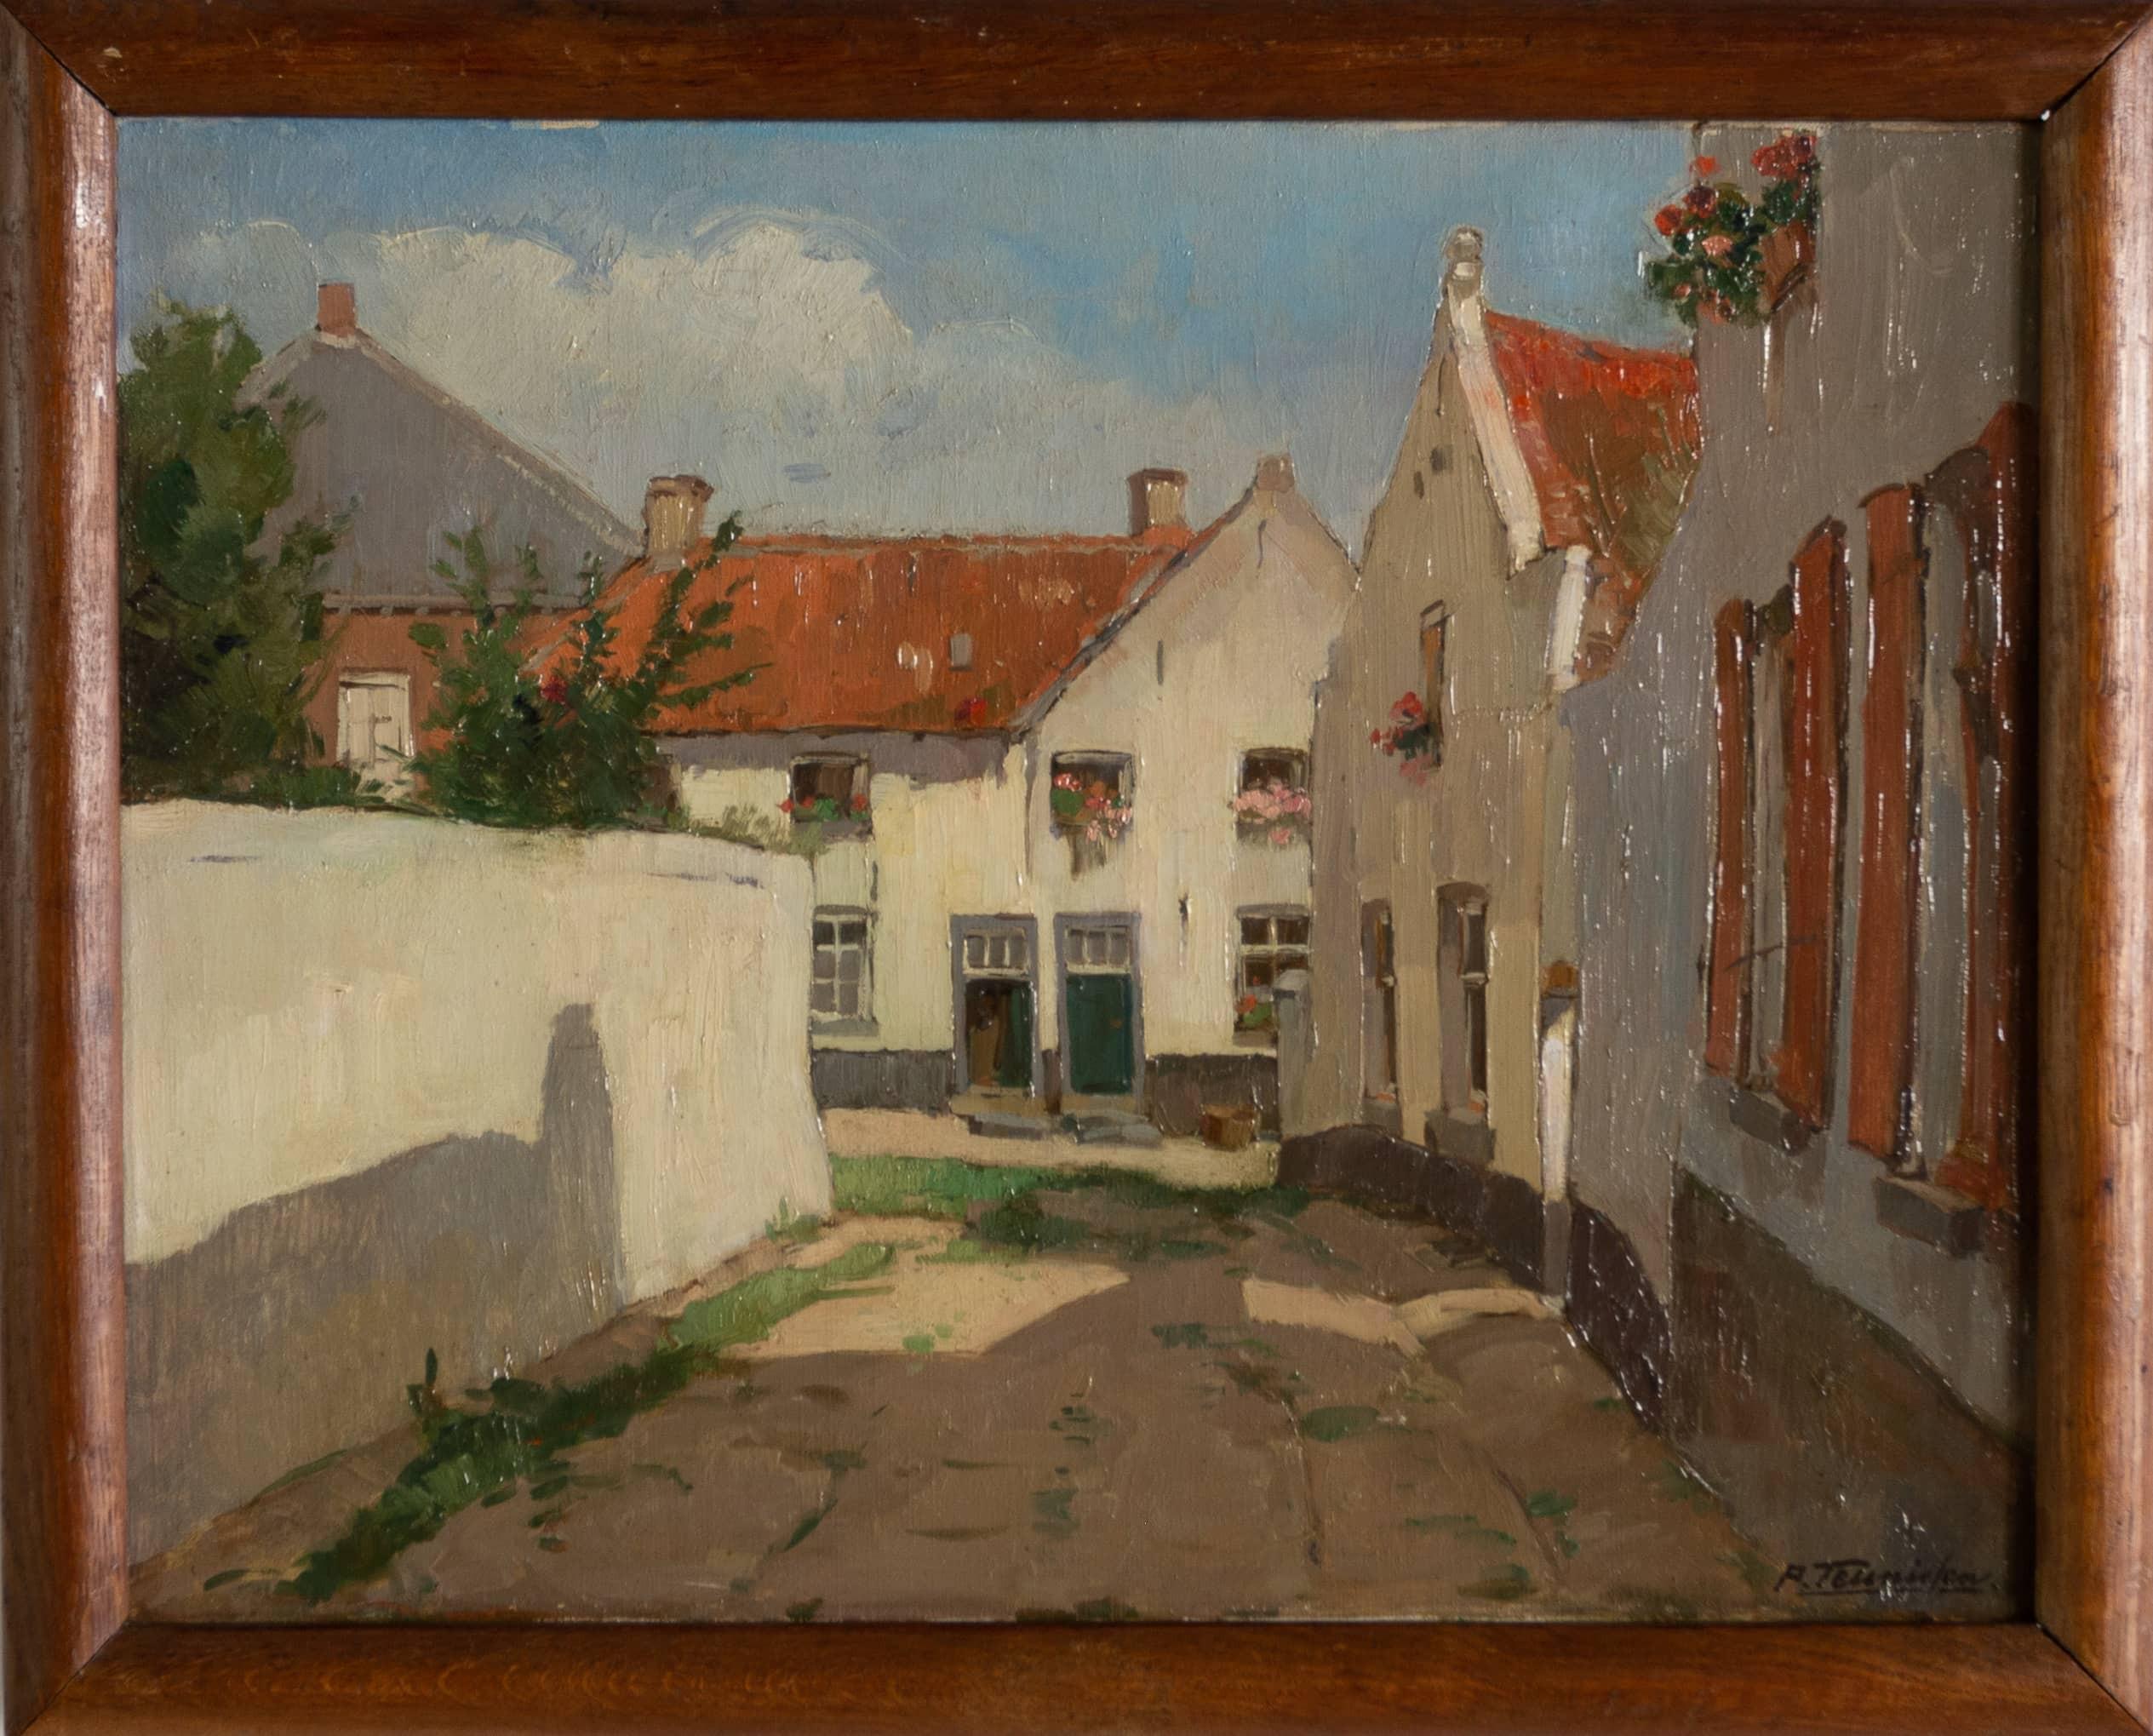 Daalstraat Thorn - Piet Teunissen - ca. 1950, olieverf op doek, 49,7 x 61,7 cm